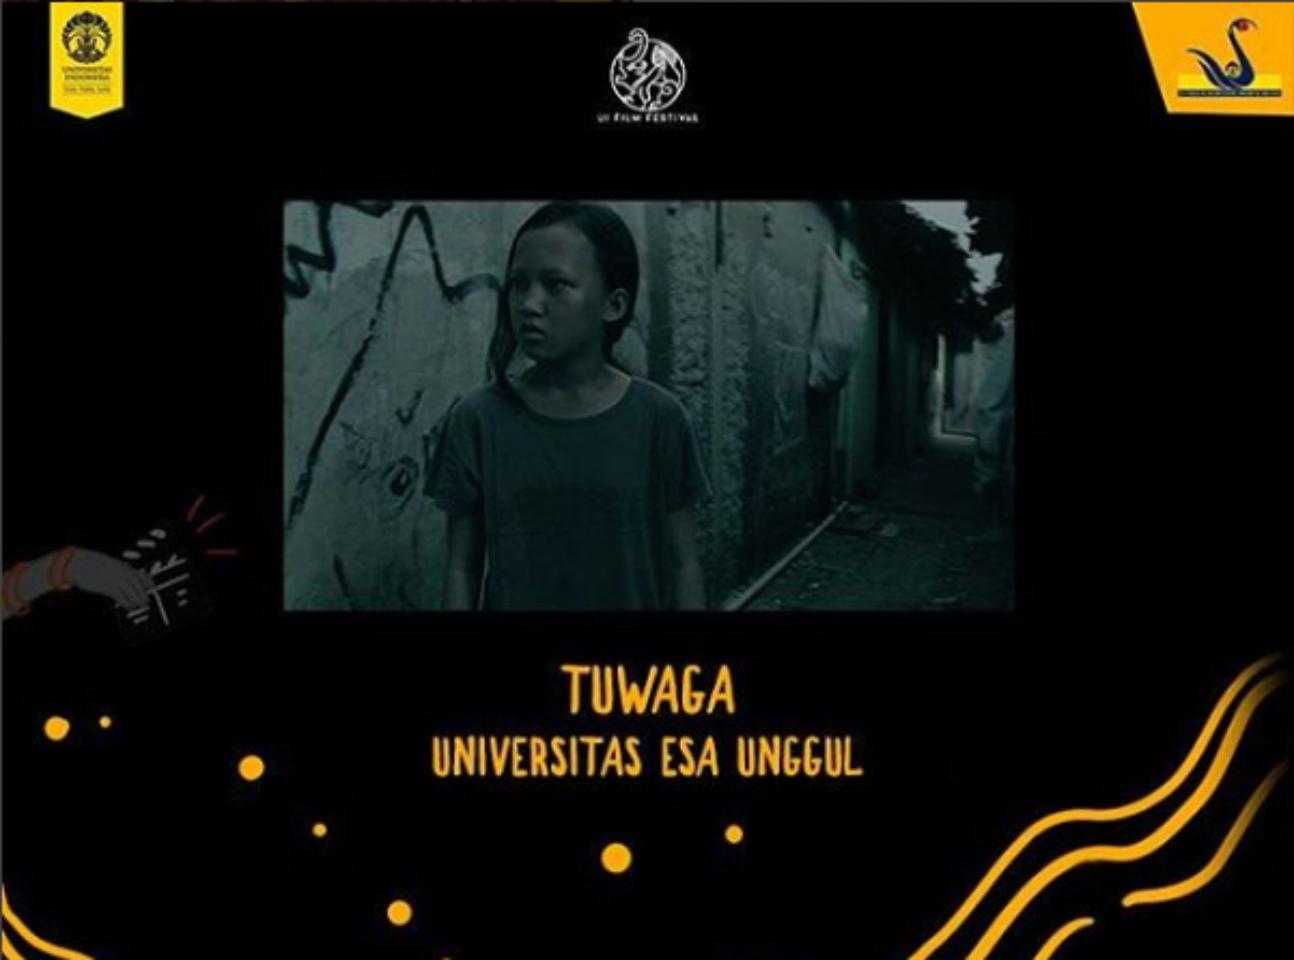 Tuwagu Raih Penghargaann di berbagai ajang Festival Film